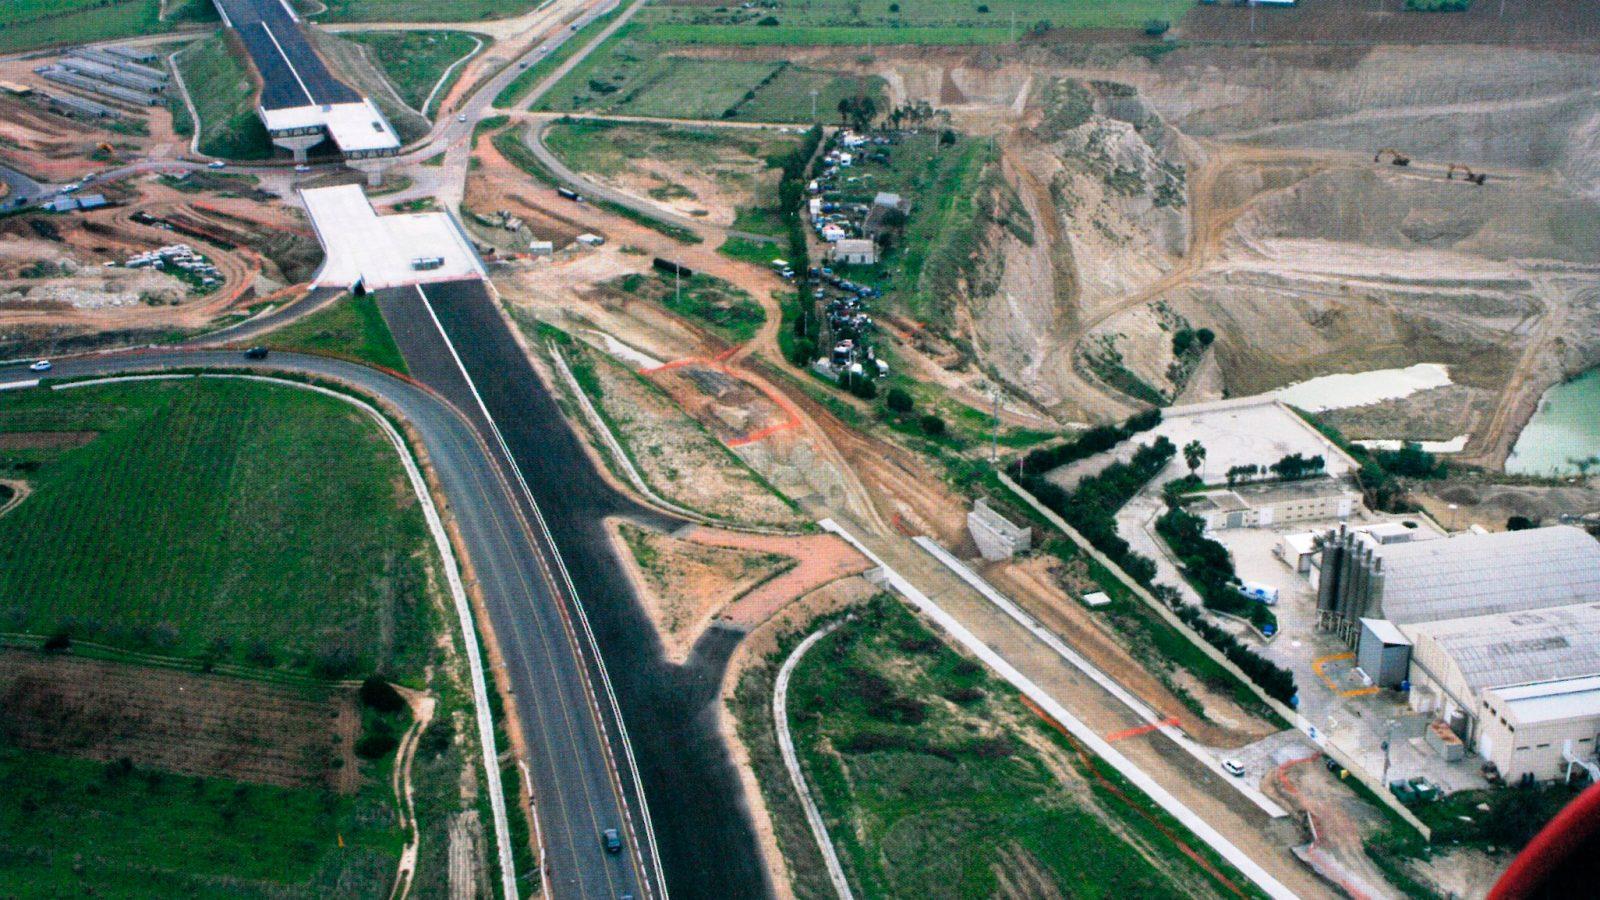 SS125, località Giannì (CA). Veduta aerea dell'area d'intervento (Anas, L'archeologia si fa strada. Scavi, scoperte e tesori lungo le vie d'Italia, 2017)